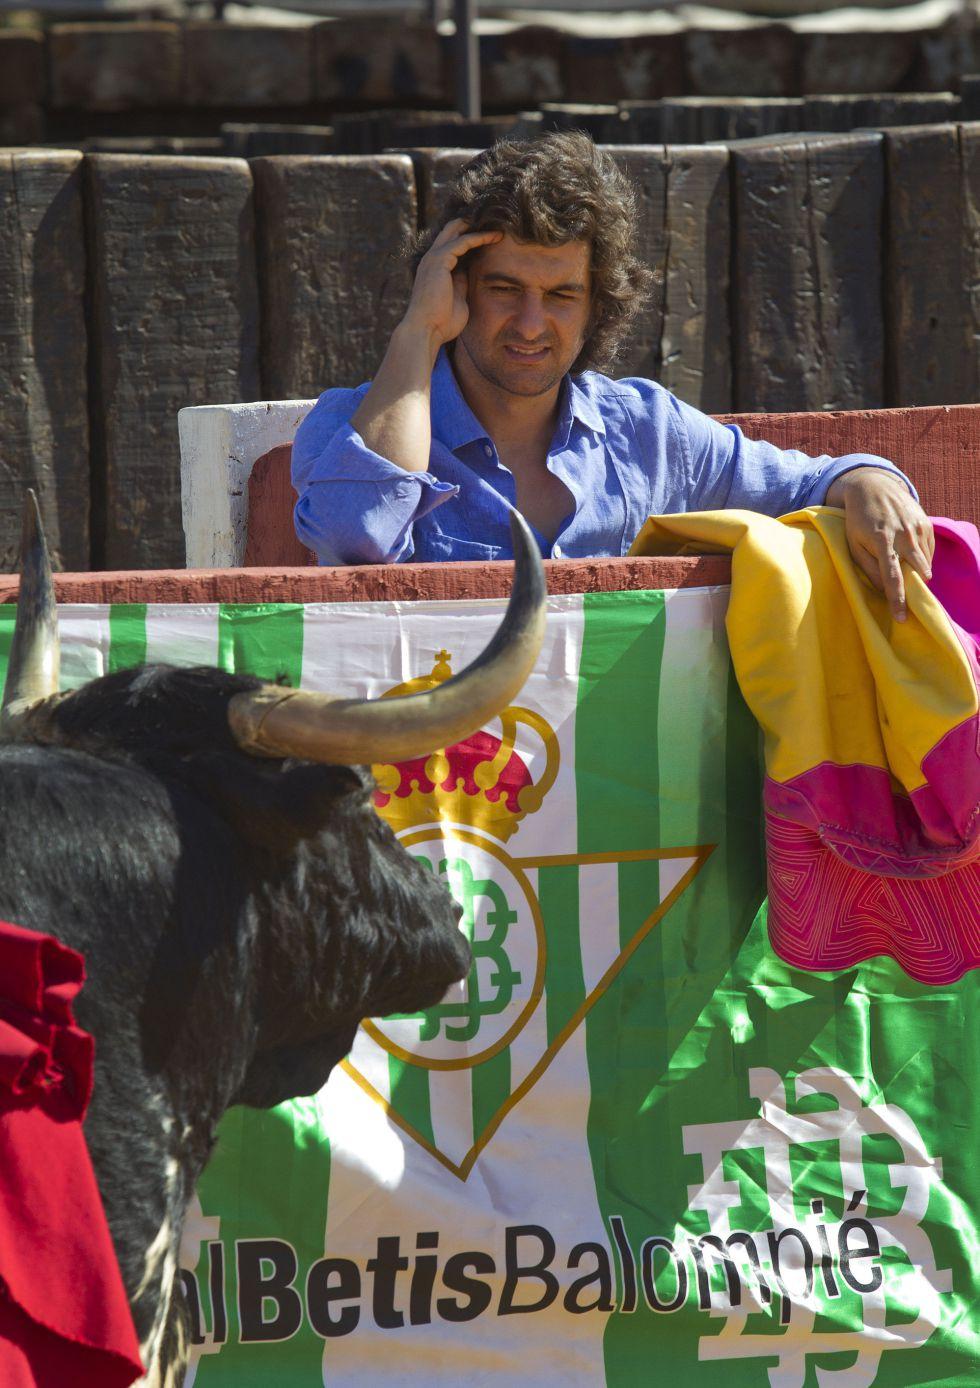 Una foto de Morante cada día - Página 13 1382146503_158214_1382146606_noticia_grande